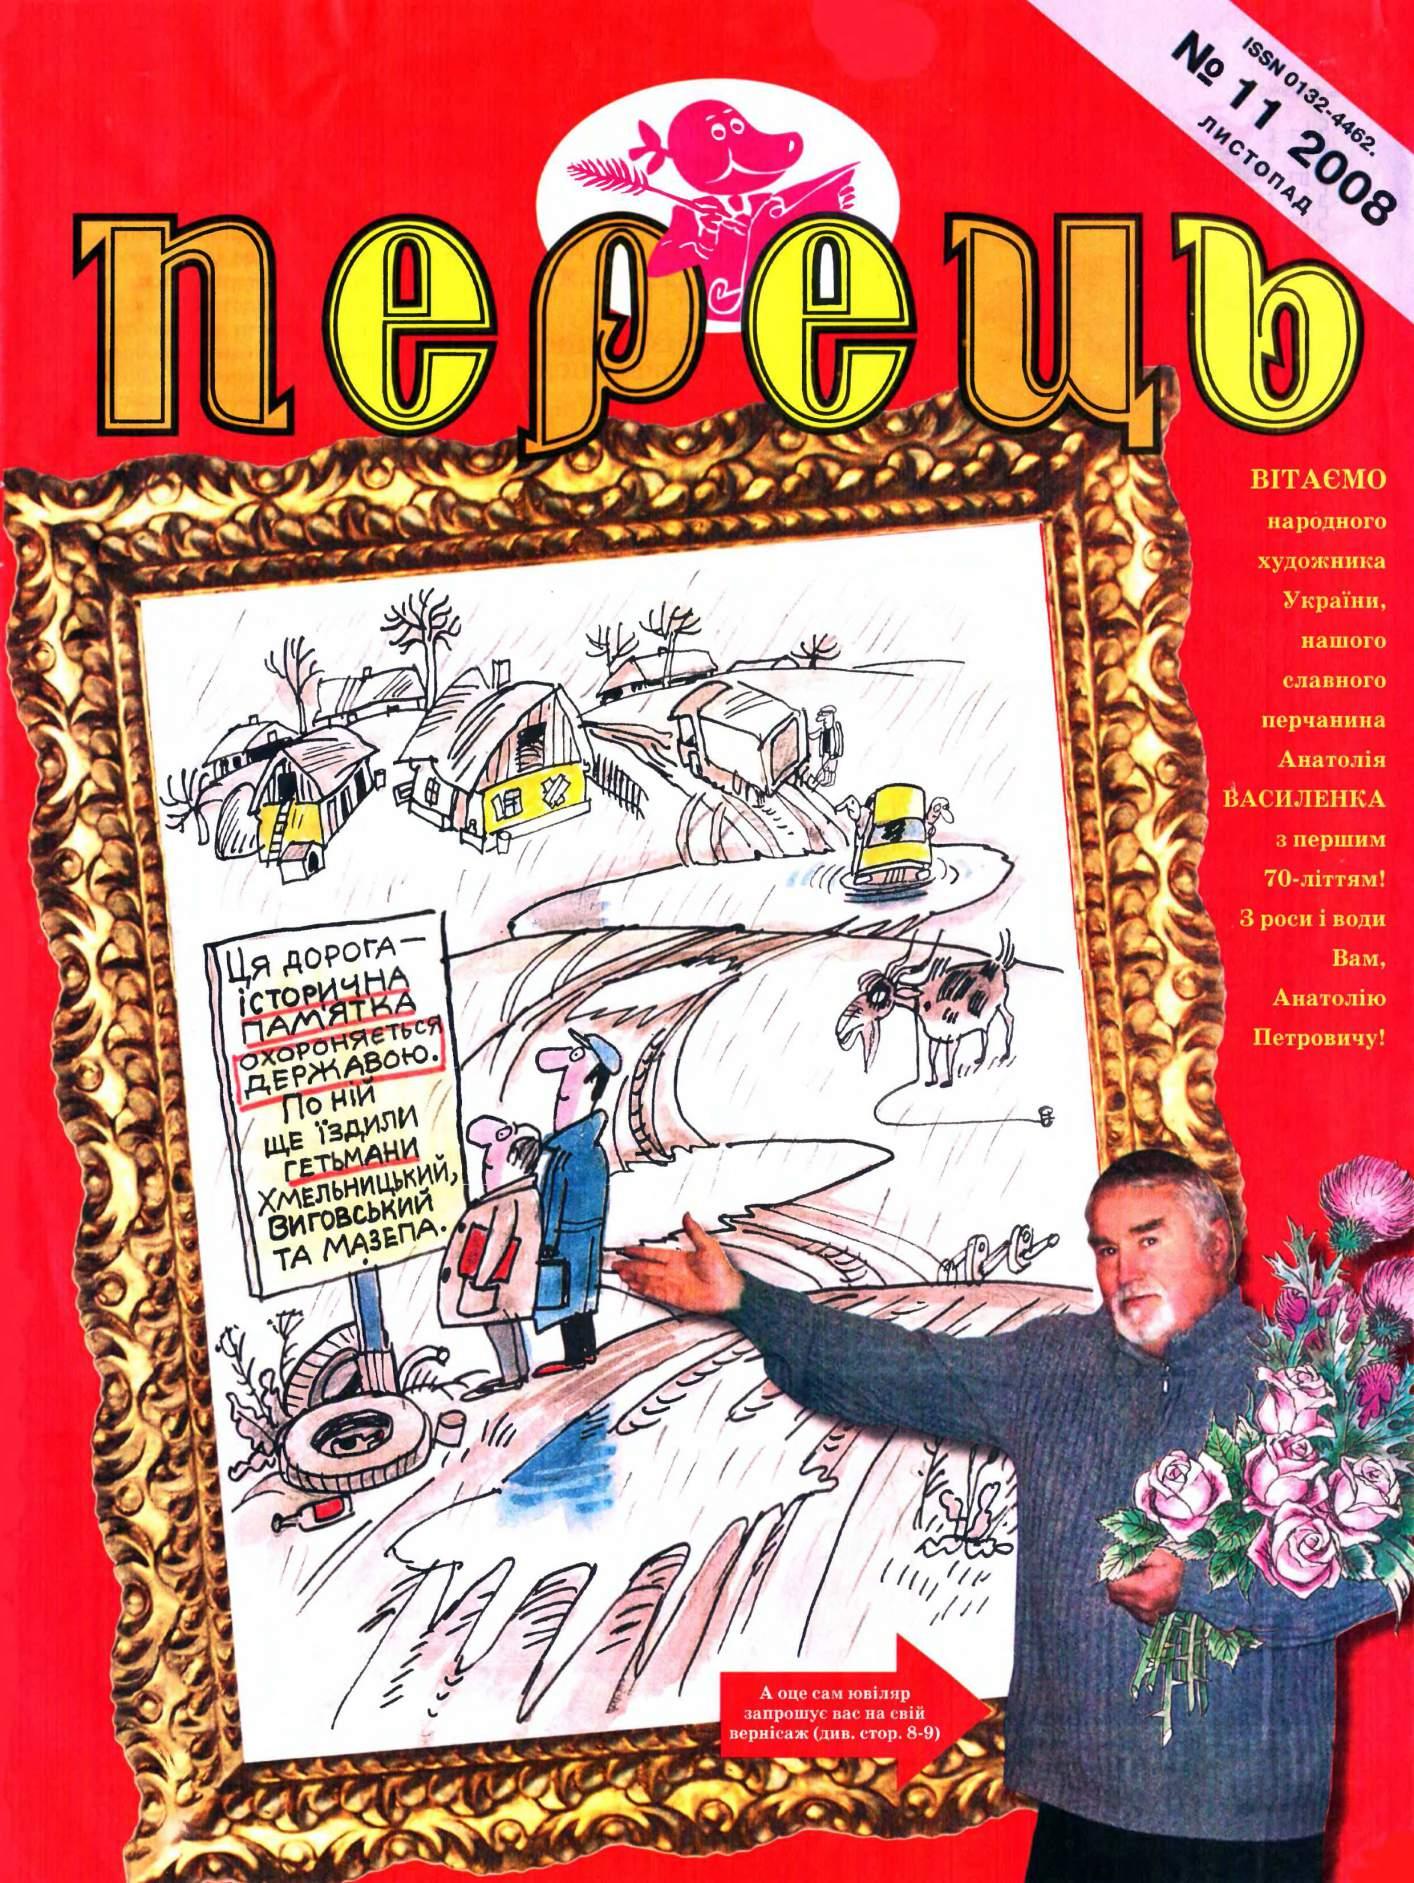 Журнал перець 2008 №11